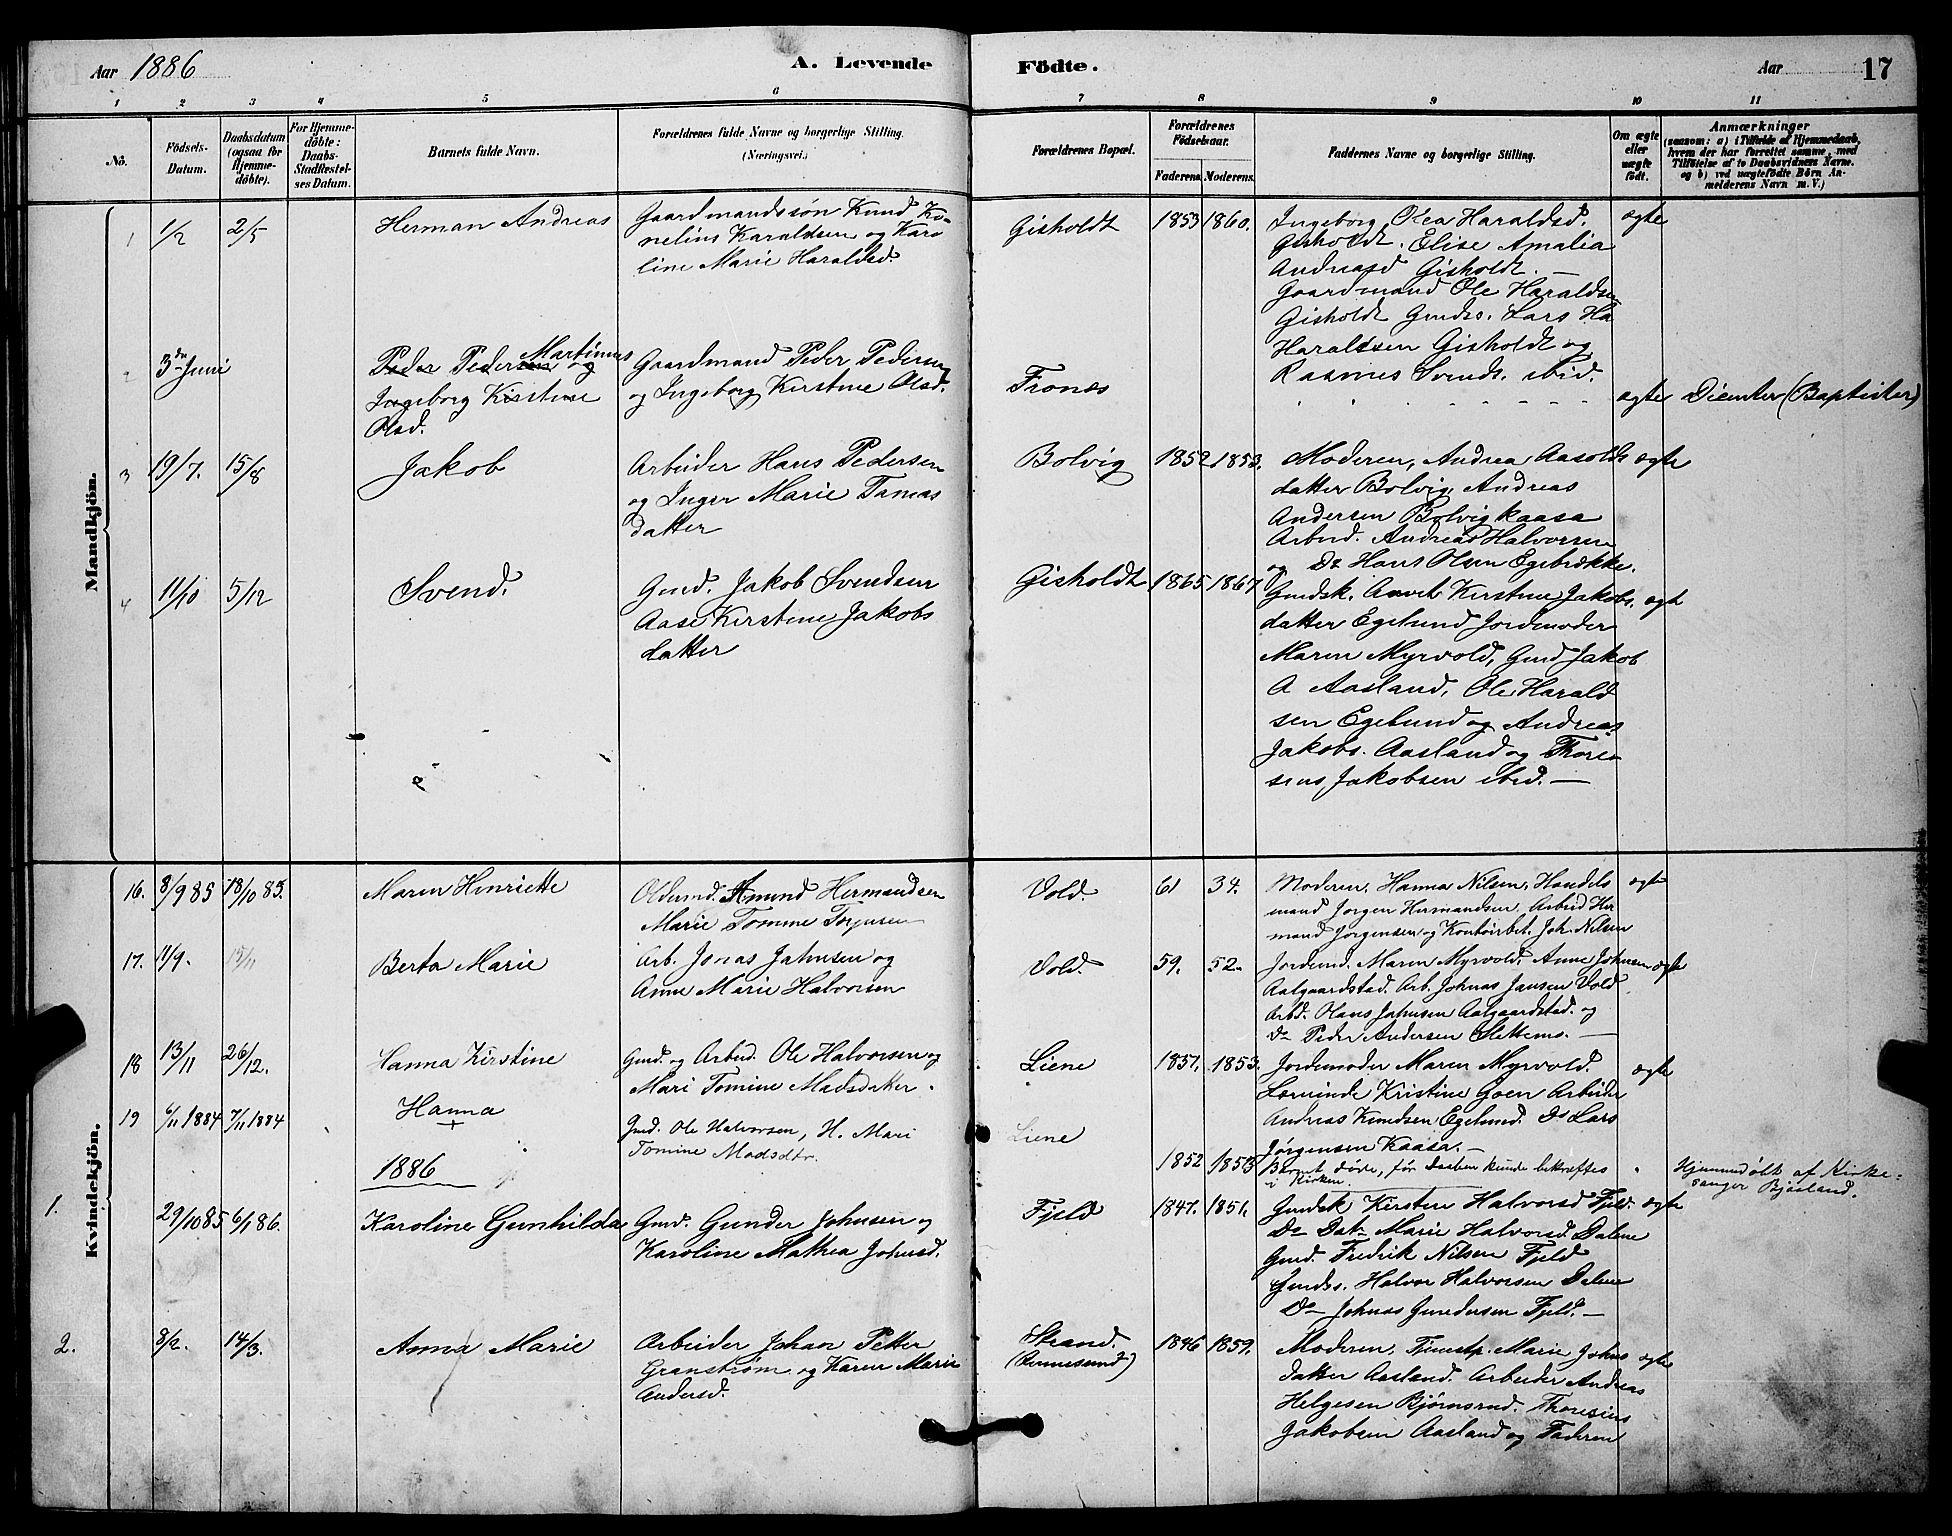 SAKO, Solum kirkebøker, G/Gc/L0001: Klokkerbok nr. III 1, 1880-1902, s. 17